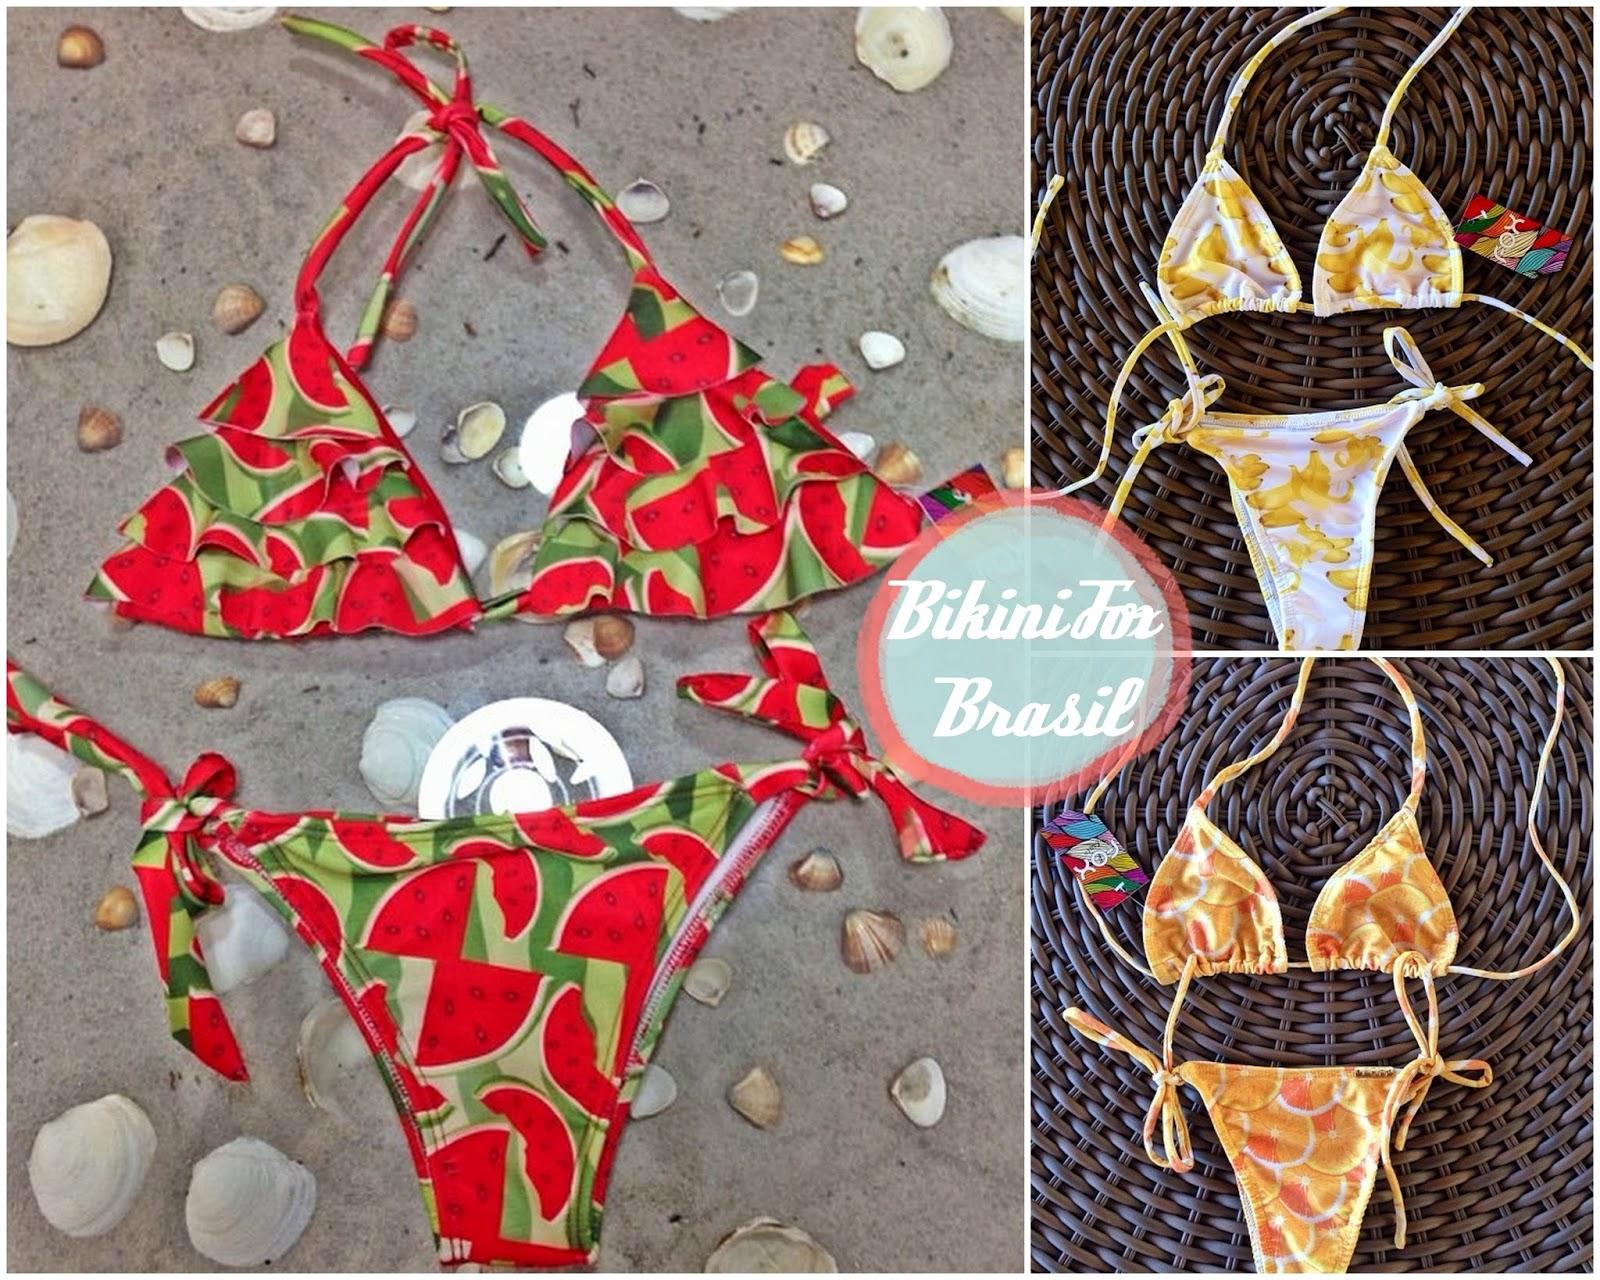 Bikini fox brasil